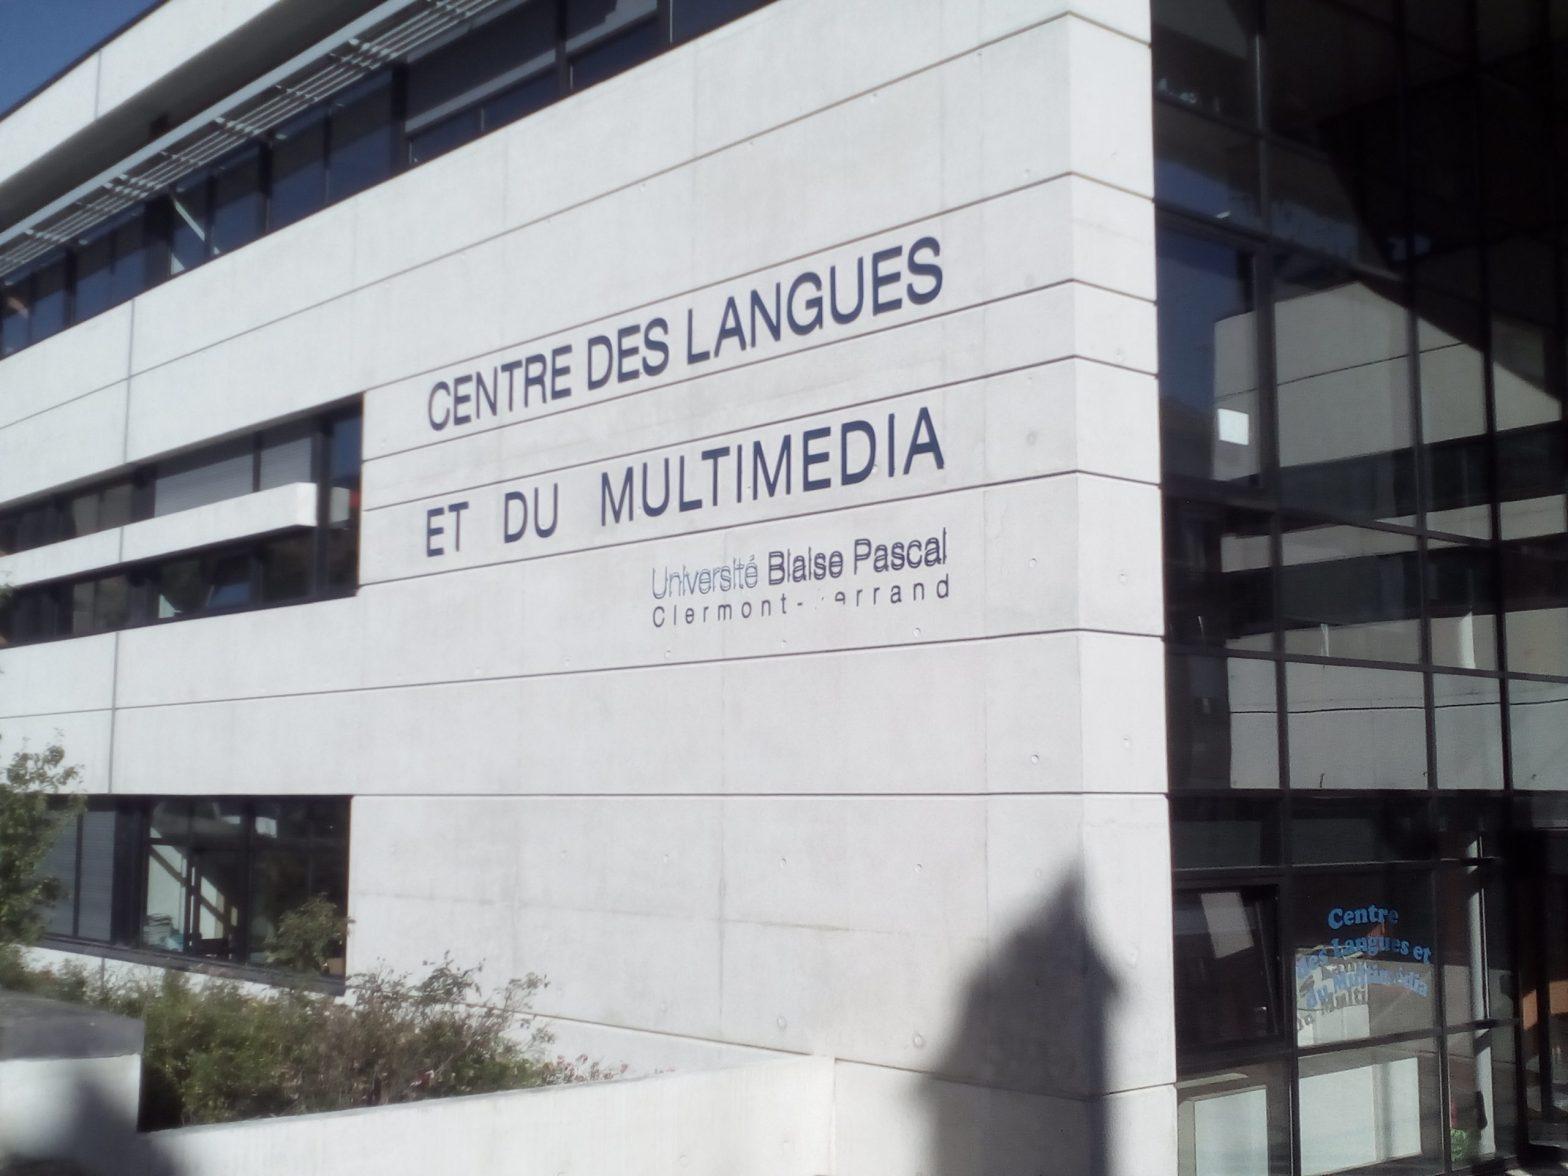 Cours d'italien Université Clermont Auvergne